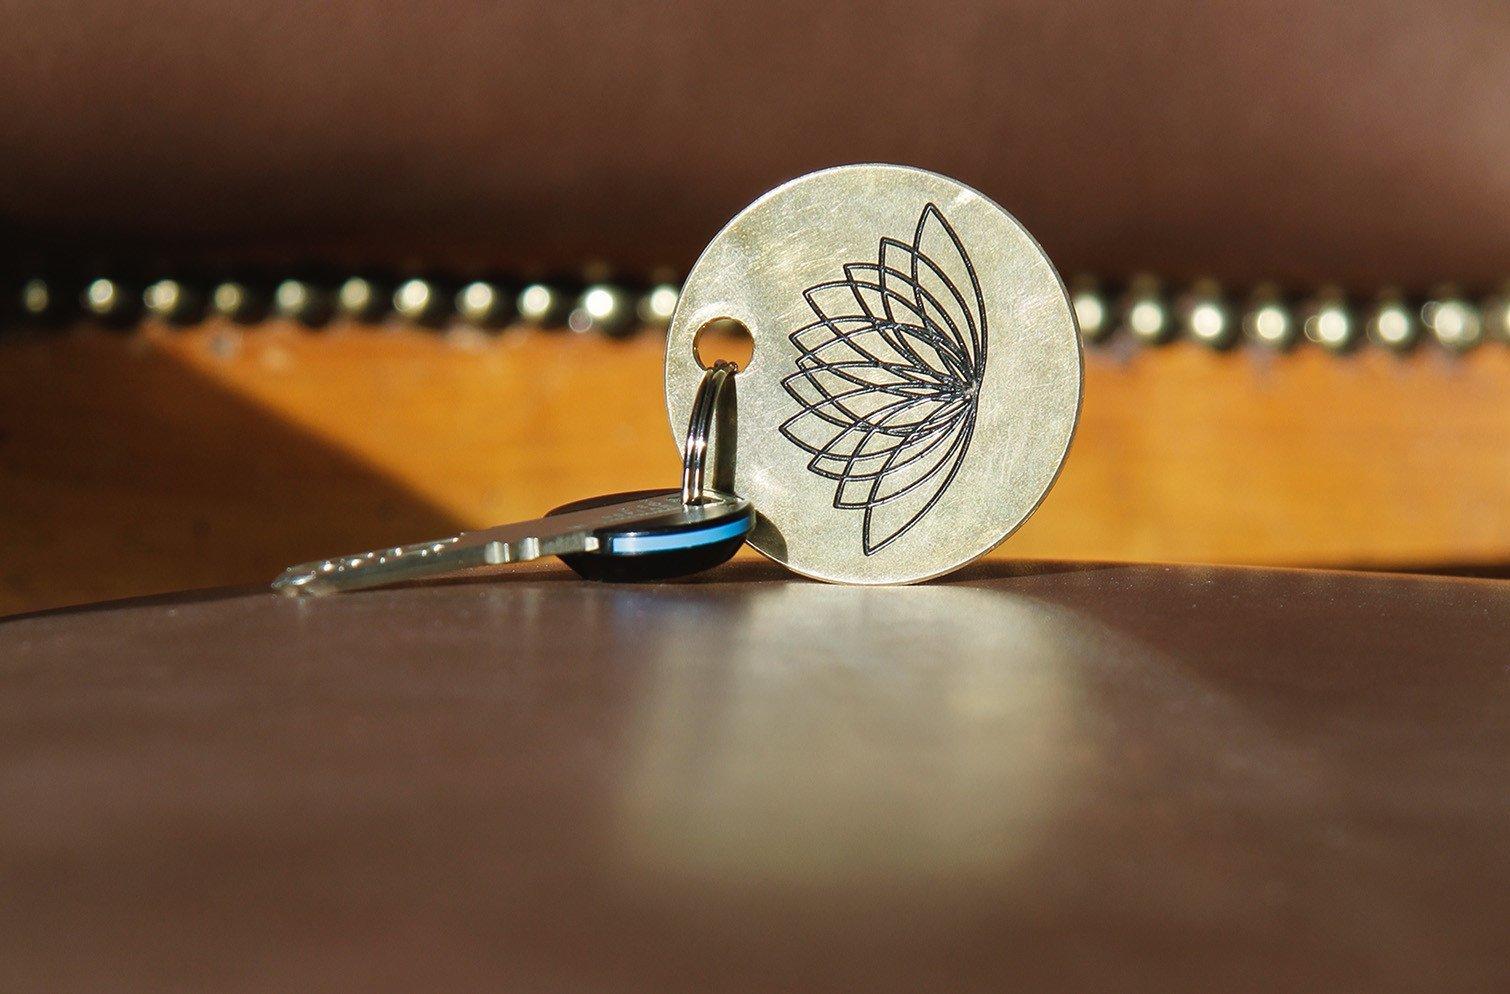 Signau keys